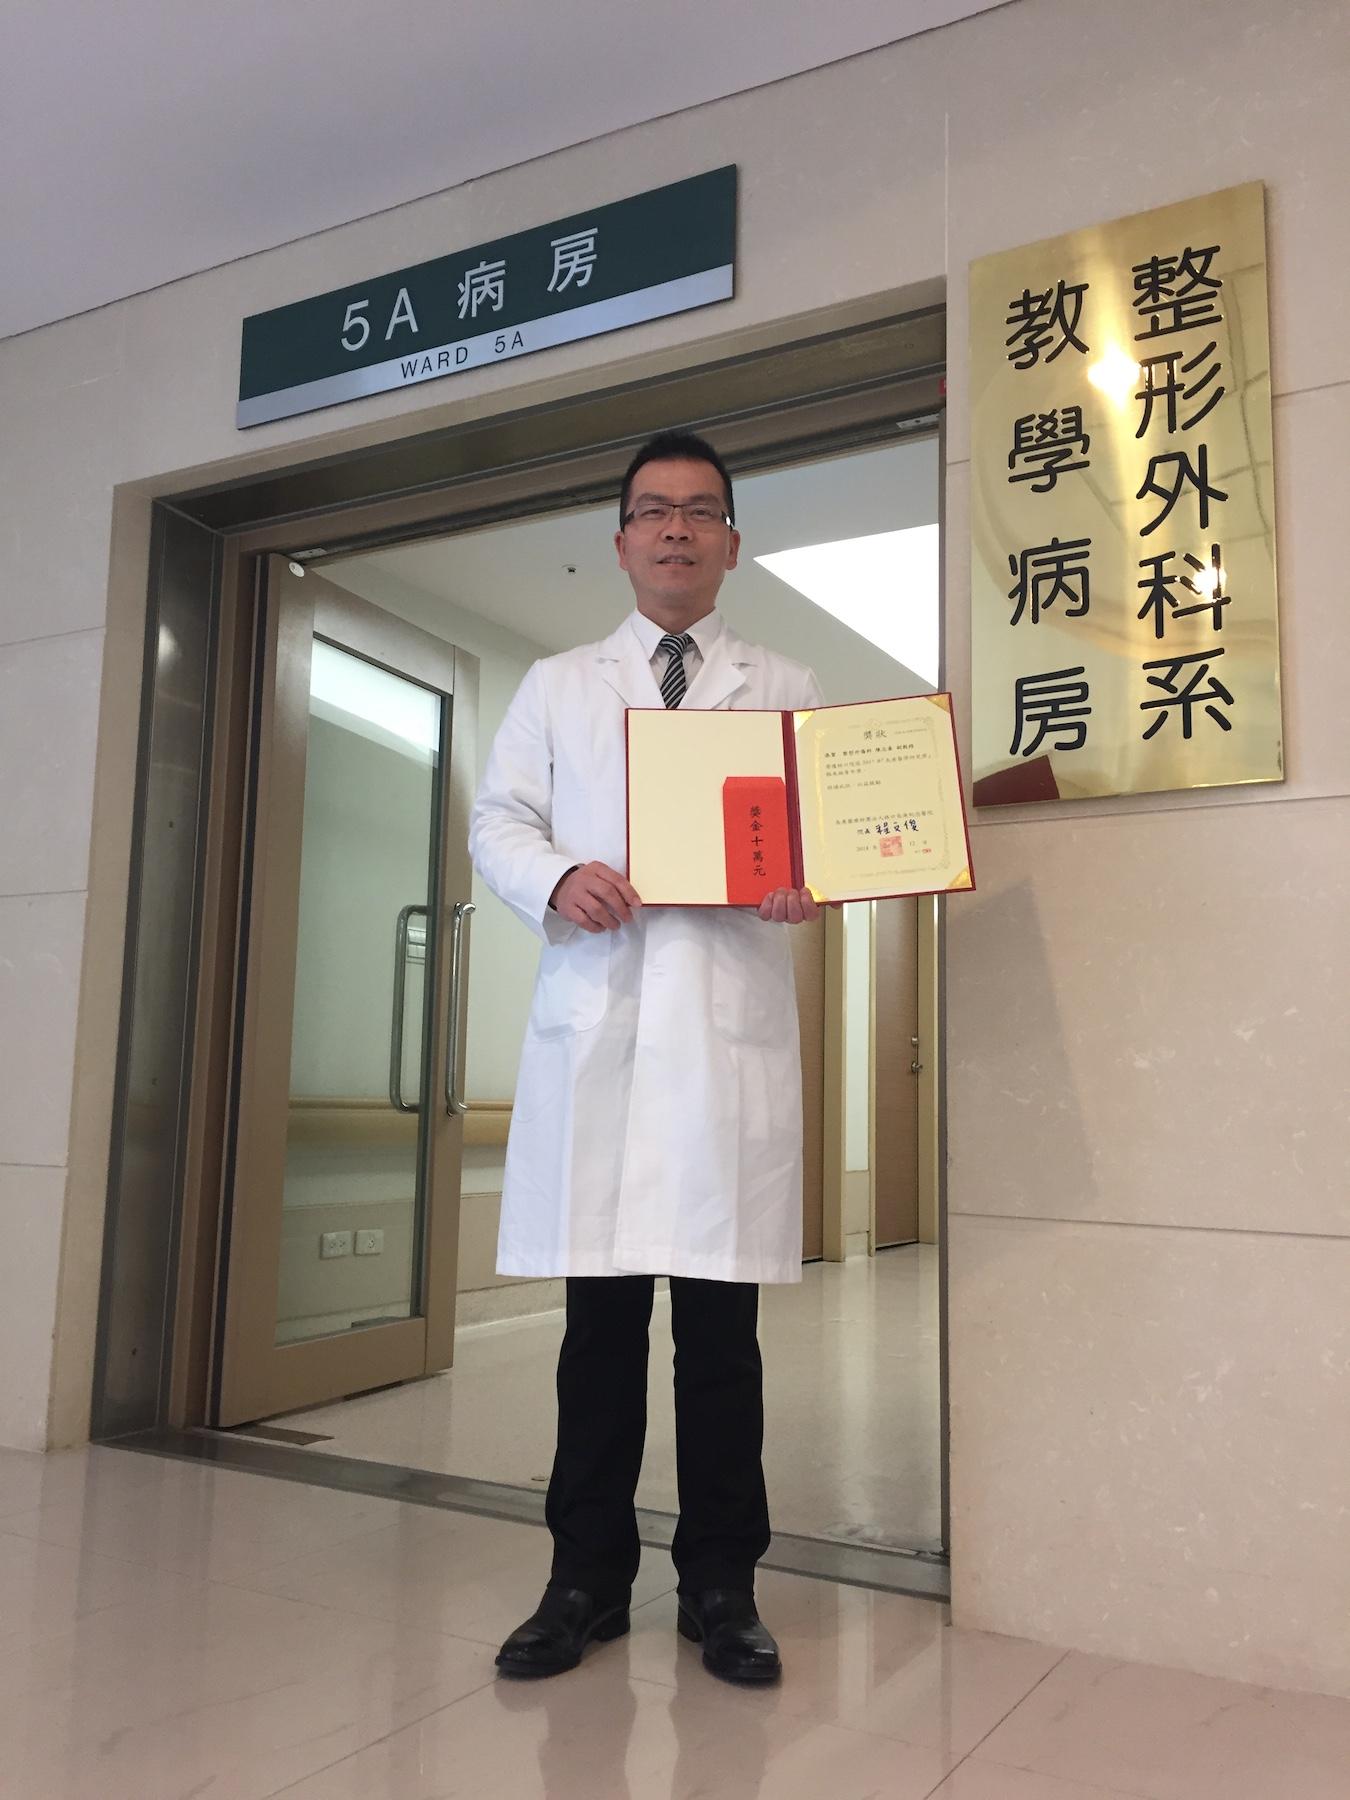 陳志豪教授榮獲多項研究成果臨床應用獎項的肯定。